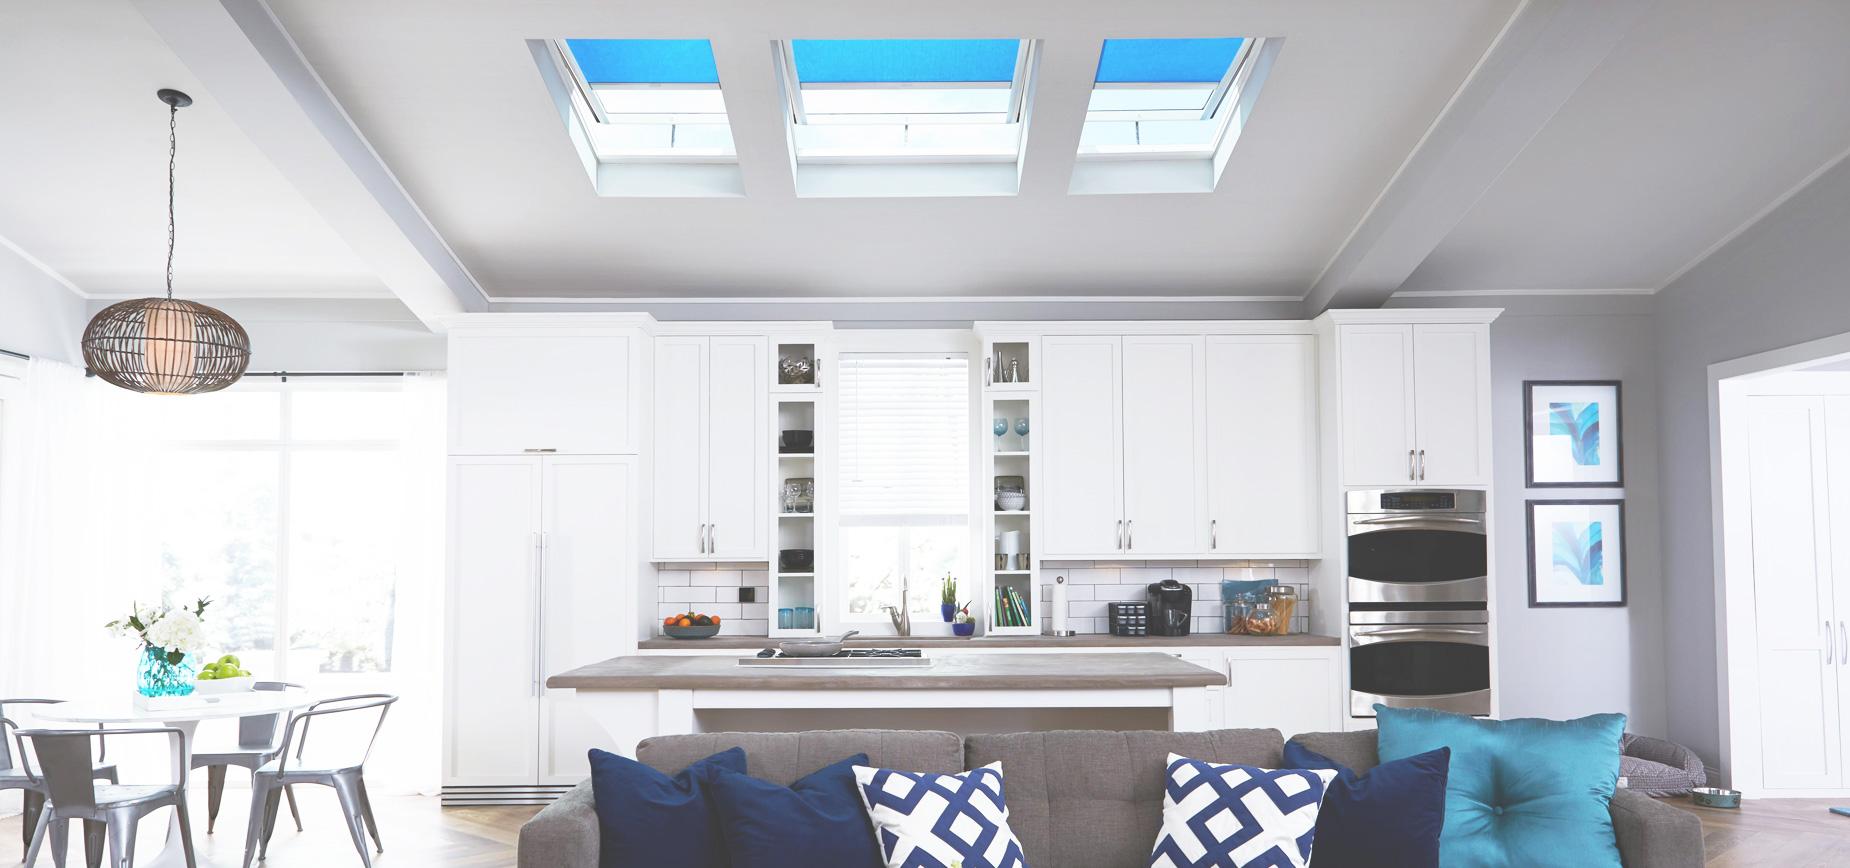 Kitchen blinds house dublin Blue velux white roller blinds